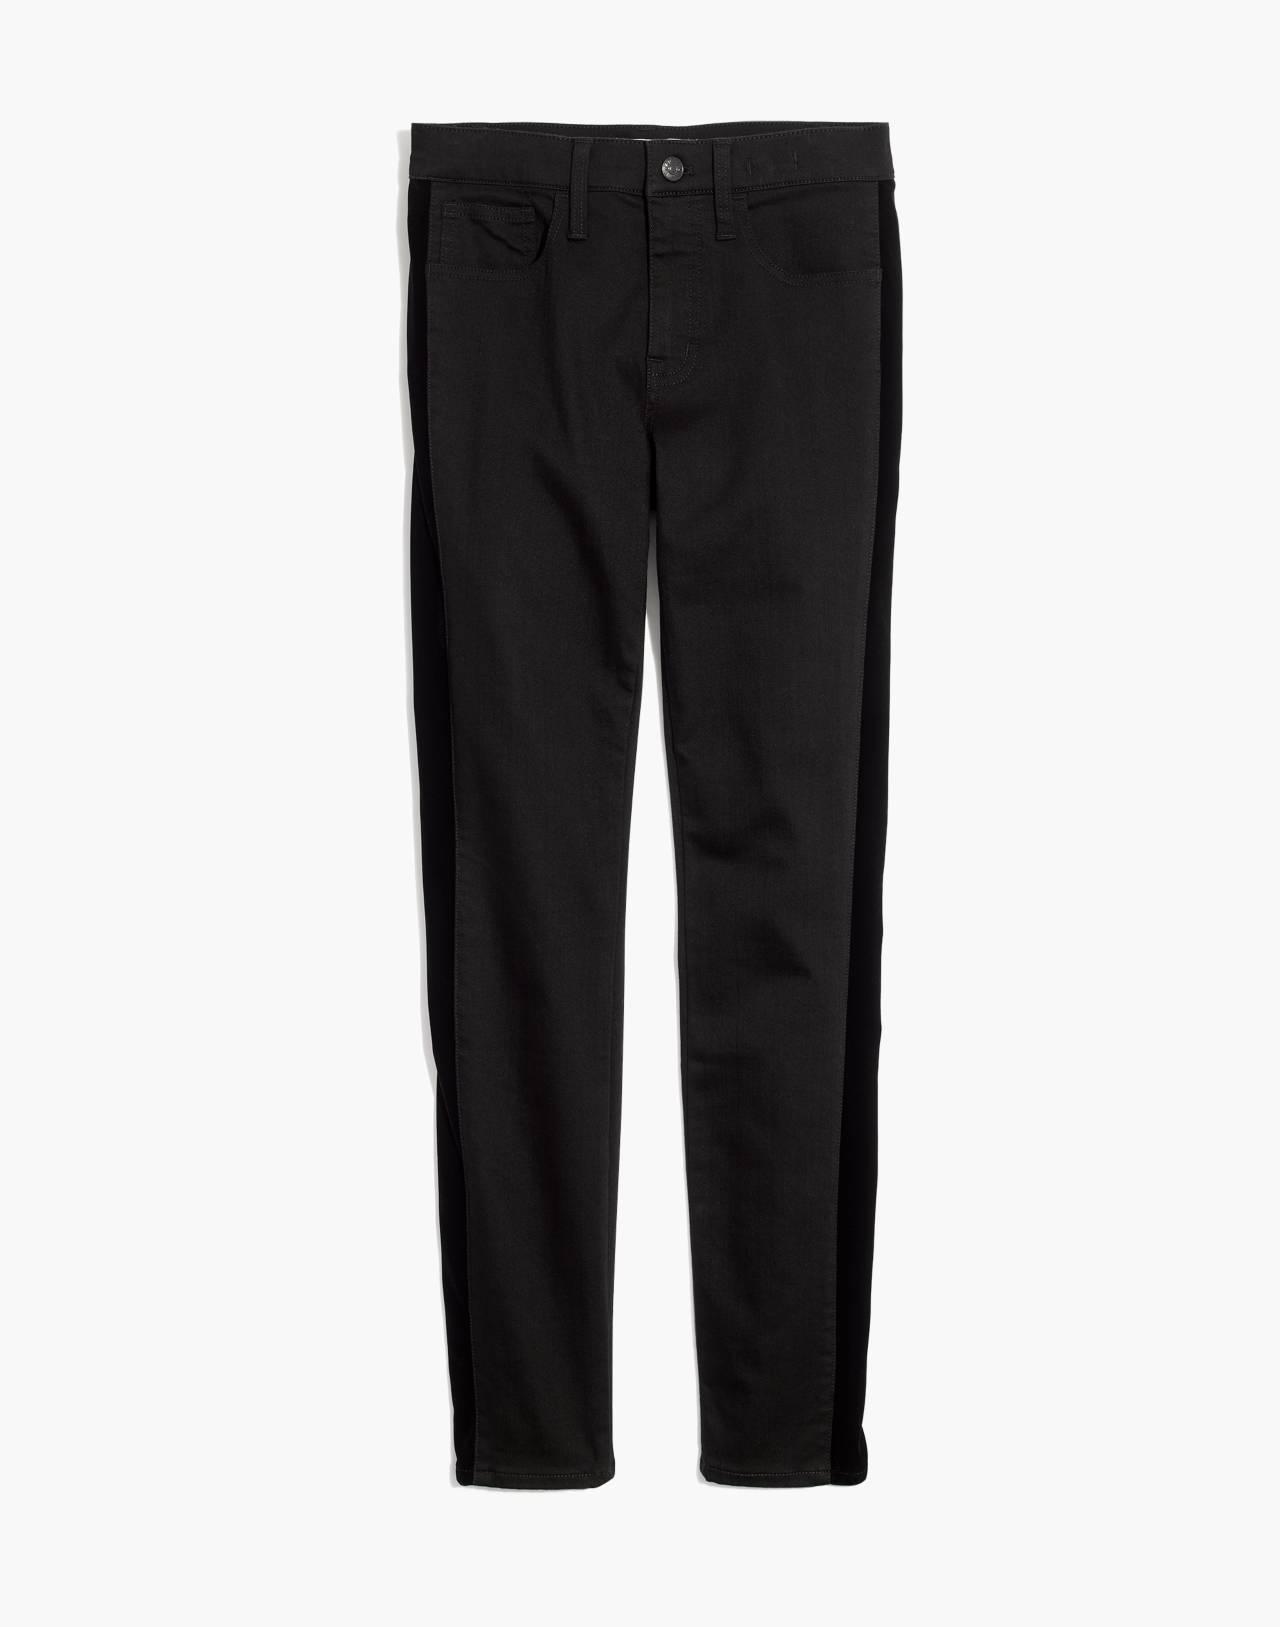 """9"""" High-Rise Skinny Jeans: Velvet Tuxedo Stripe Edition in esther wash image 4"""